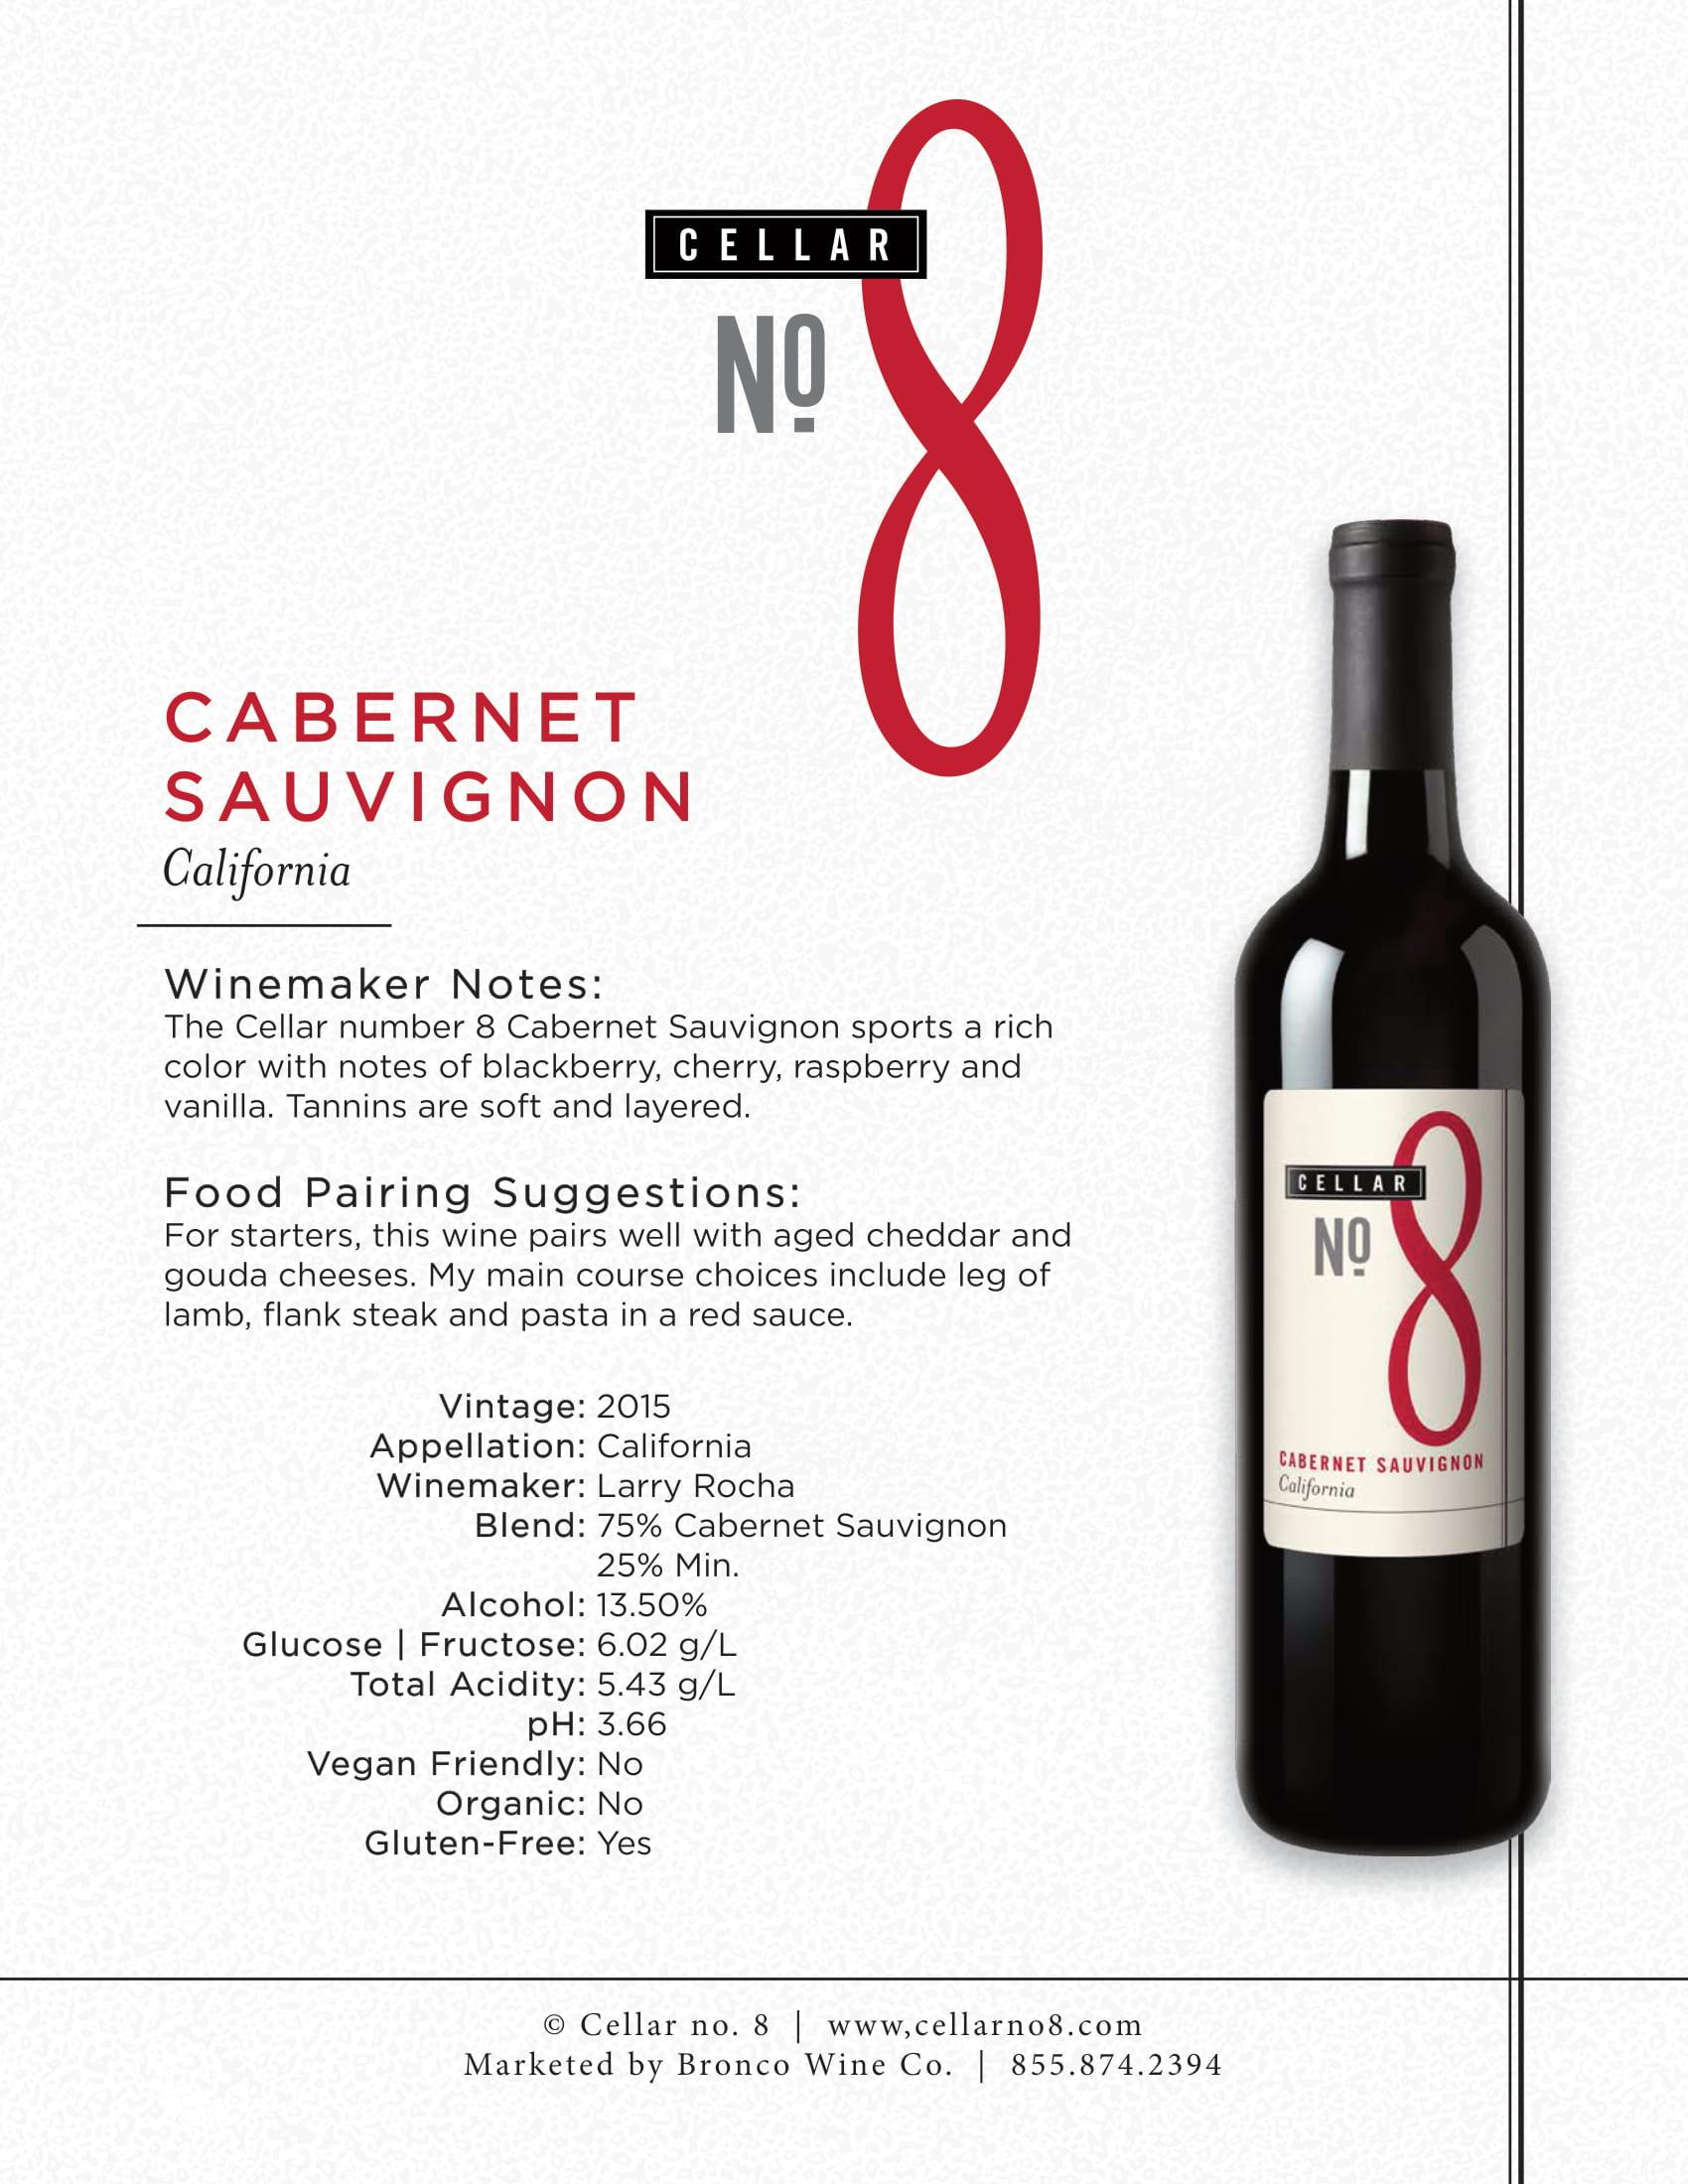 Cellar #8 Cabernet Sauvignon Tech Sheet